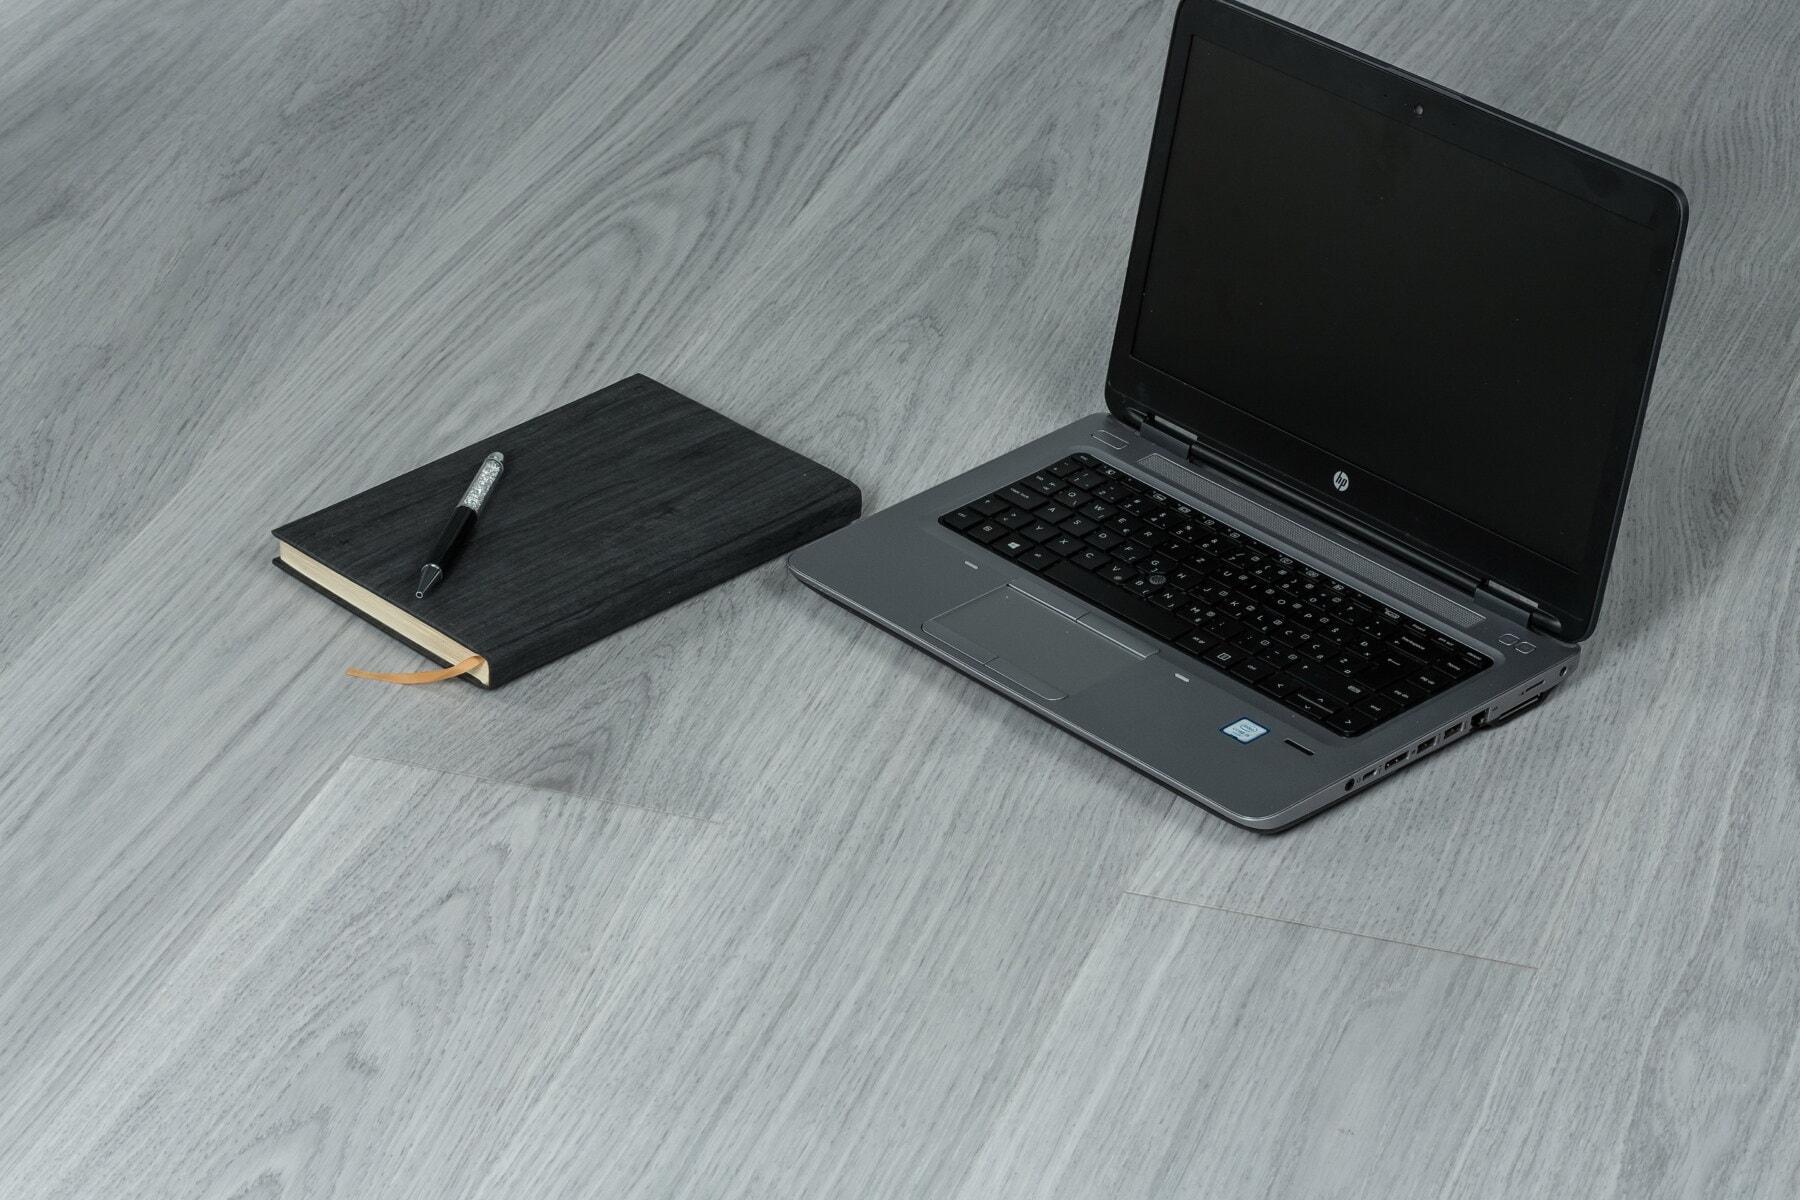 siva, prijenosno računalo, bilježnica, dnevno, crno, ured, elektronika, računalo, digitalno računalo, prijenosno računalo